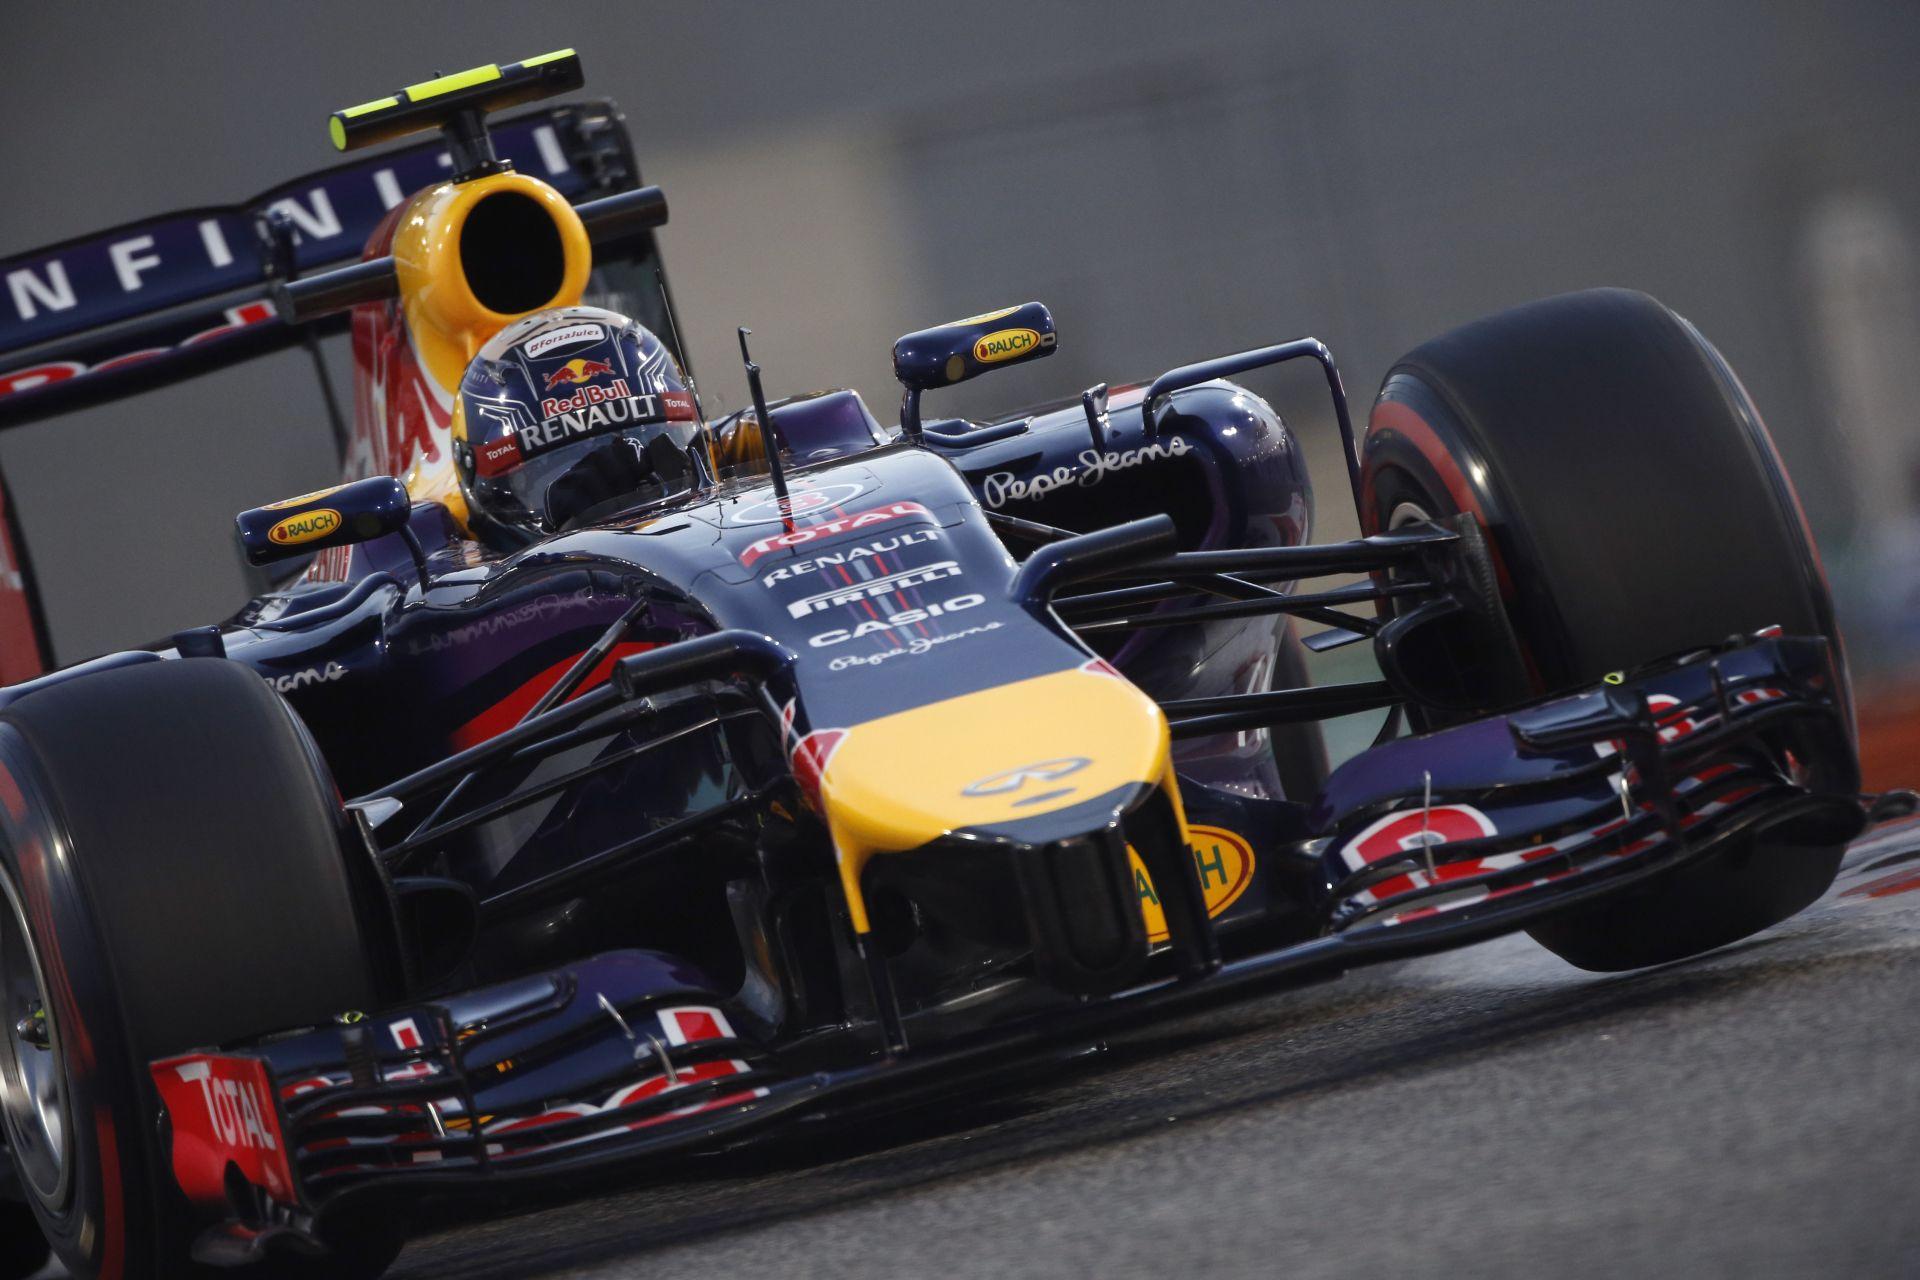 A Red Bull sajnálja Vettel távozását, meg nem is: Itt van Ricciardo, a jövő bajnoka!